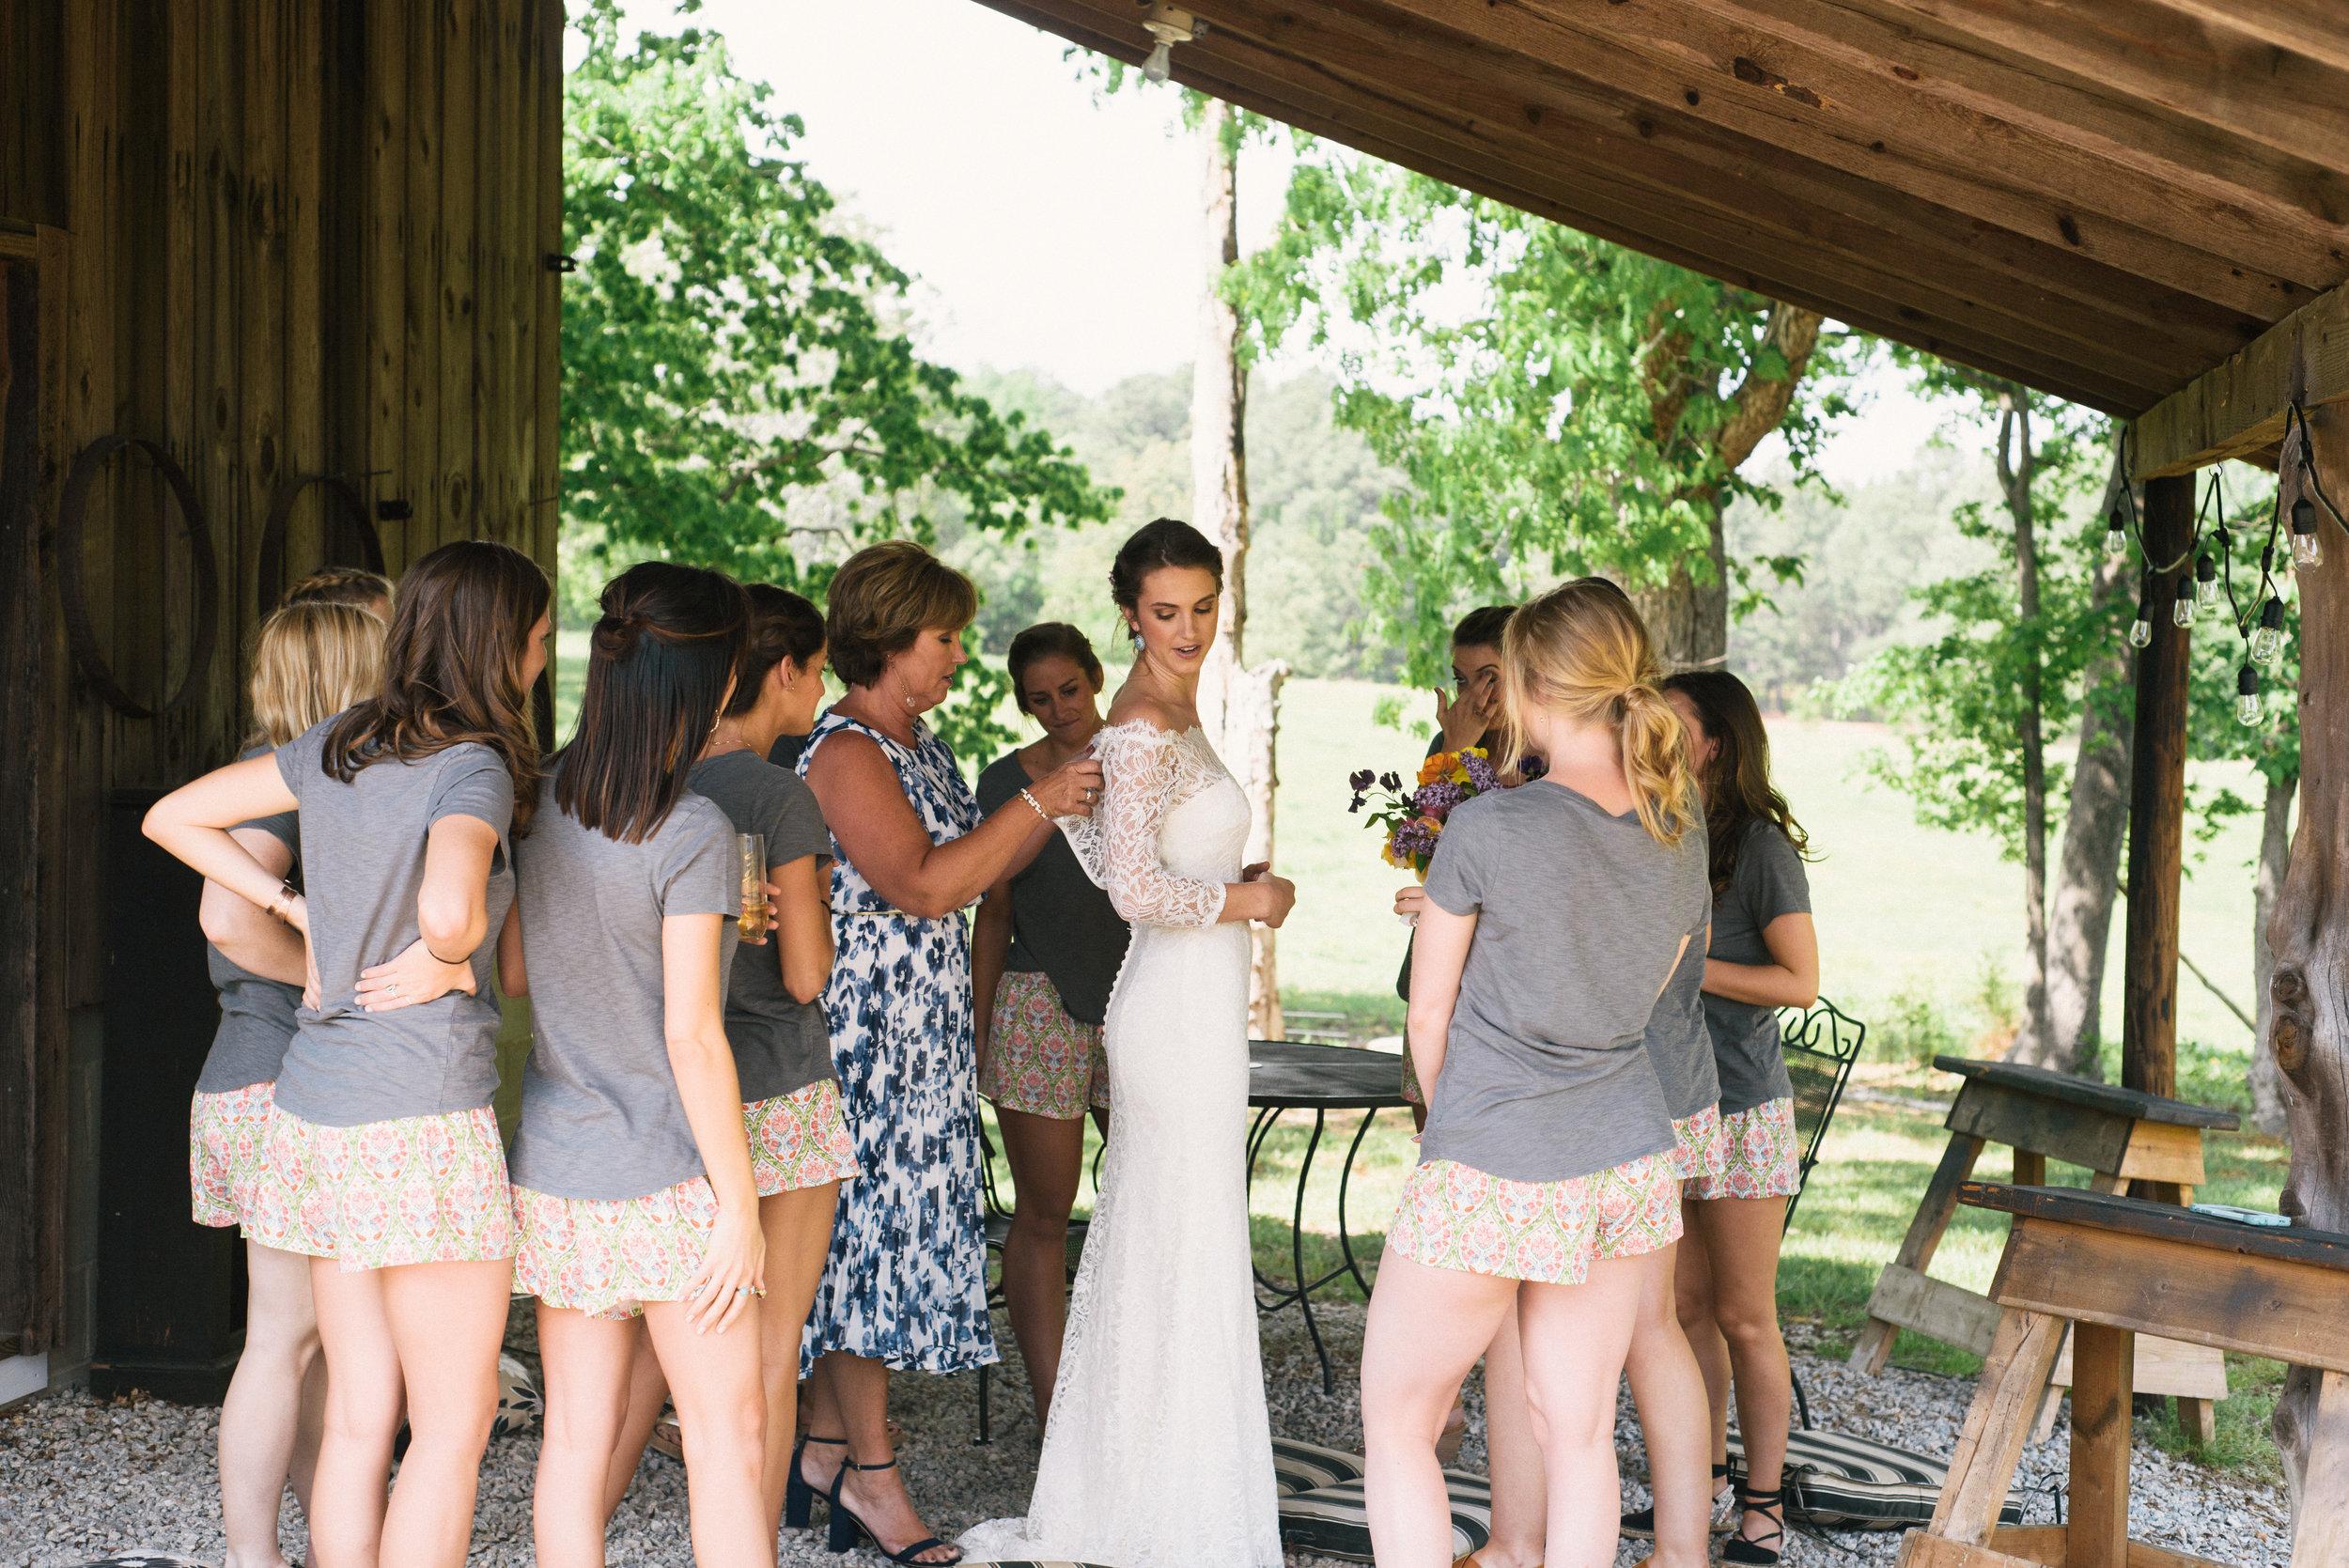 raleigh-elopement-photographer-raleigh-durham-wedding-maddie-and-devin- (11 of 162).jpg